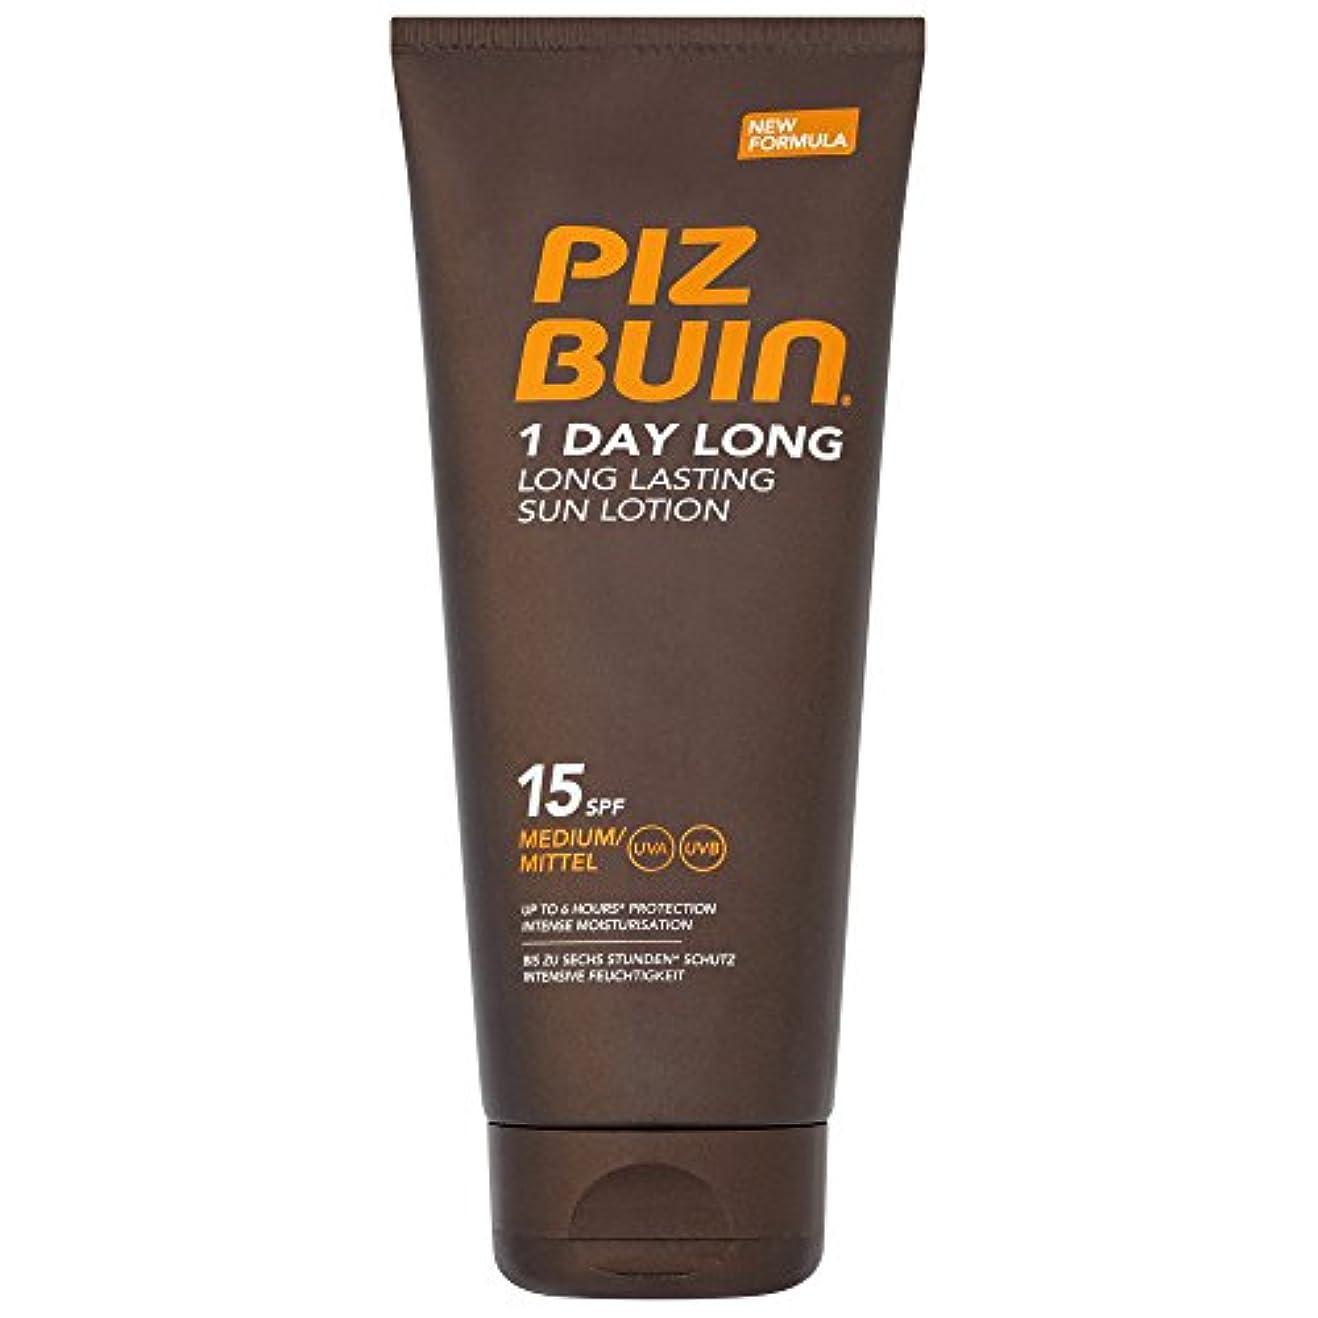 雇用長々と噴火ピッツブーインの1日長い15の日焼けローション200 x2 - Piz Buin 1 Day Long SPF15 Sun Lotion 200ml (Pack of 2) [並行輸入品]